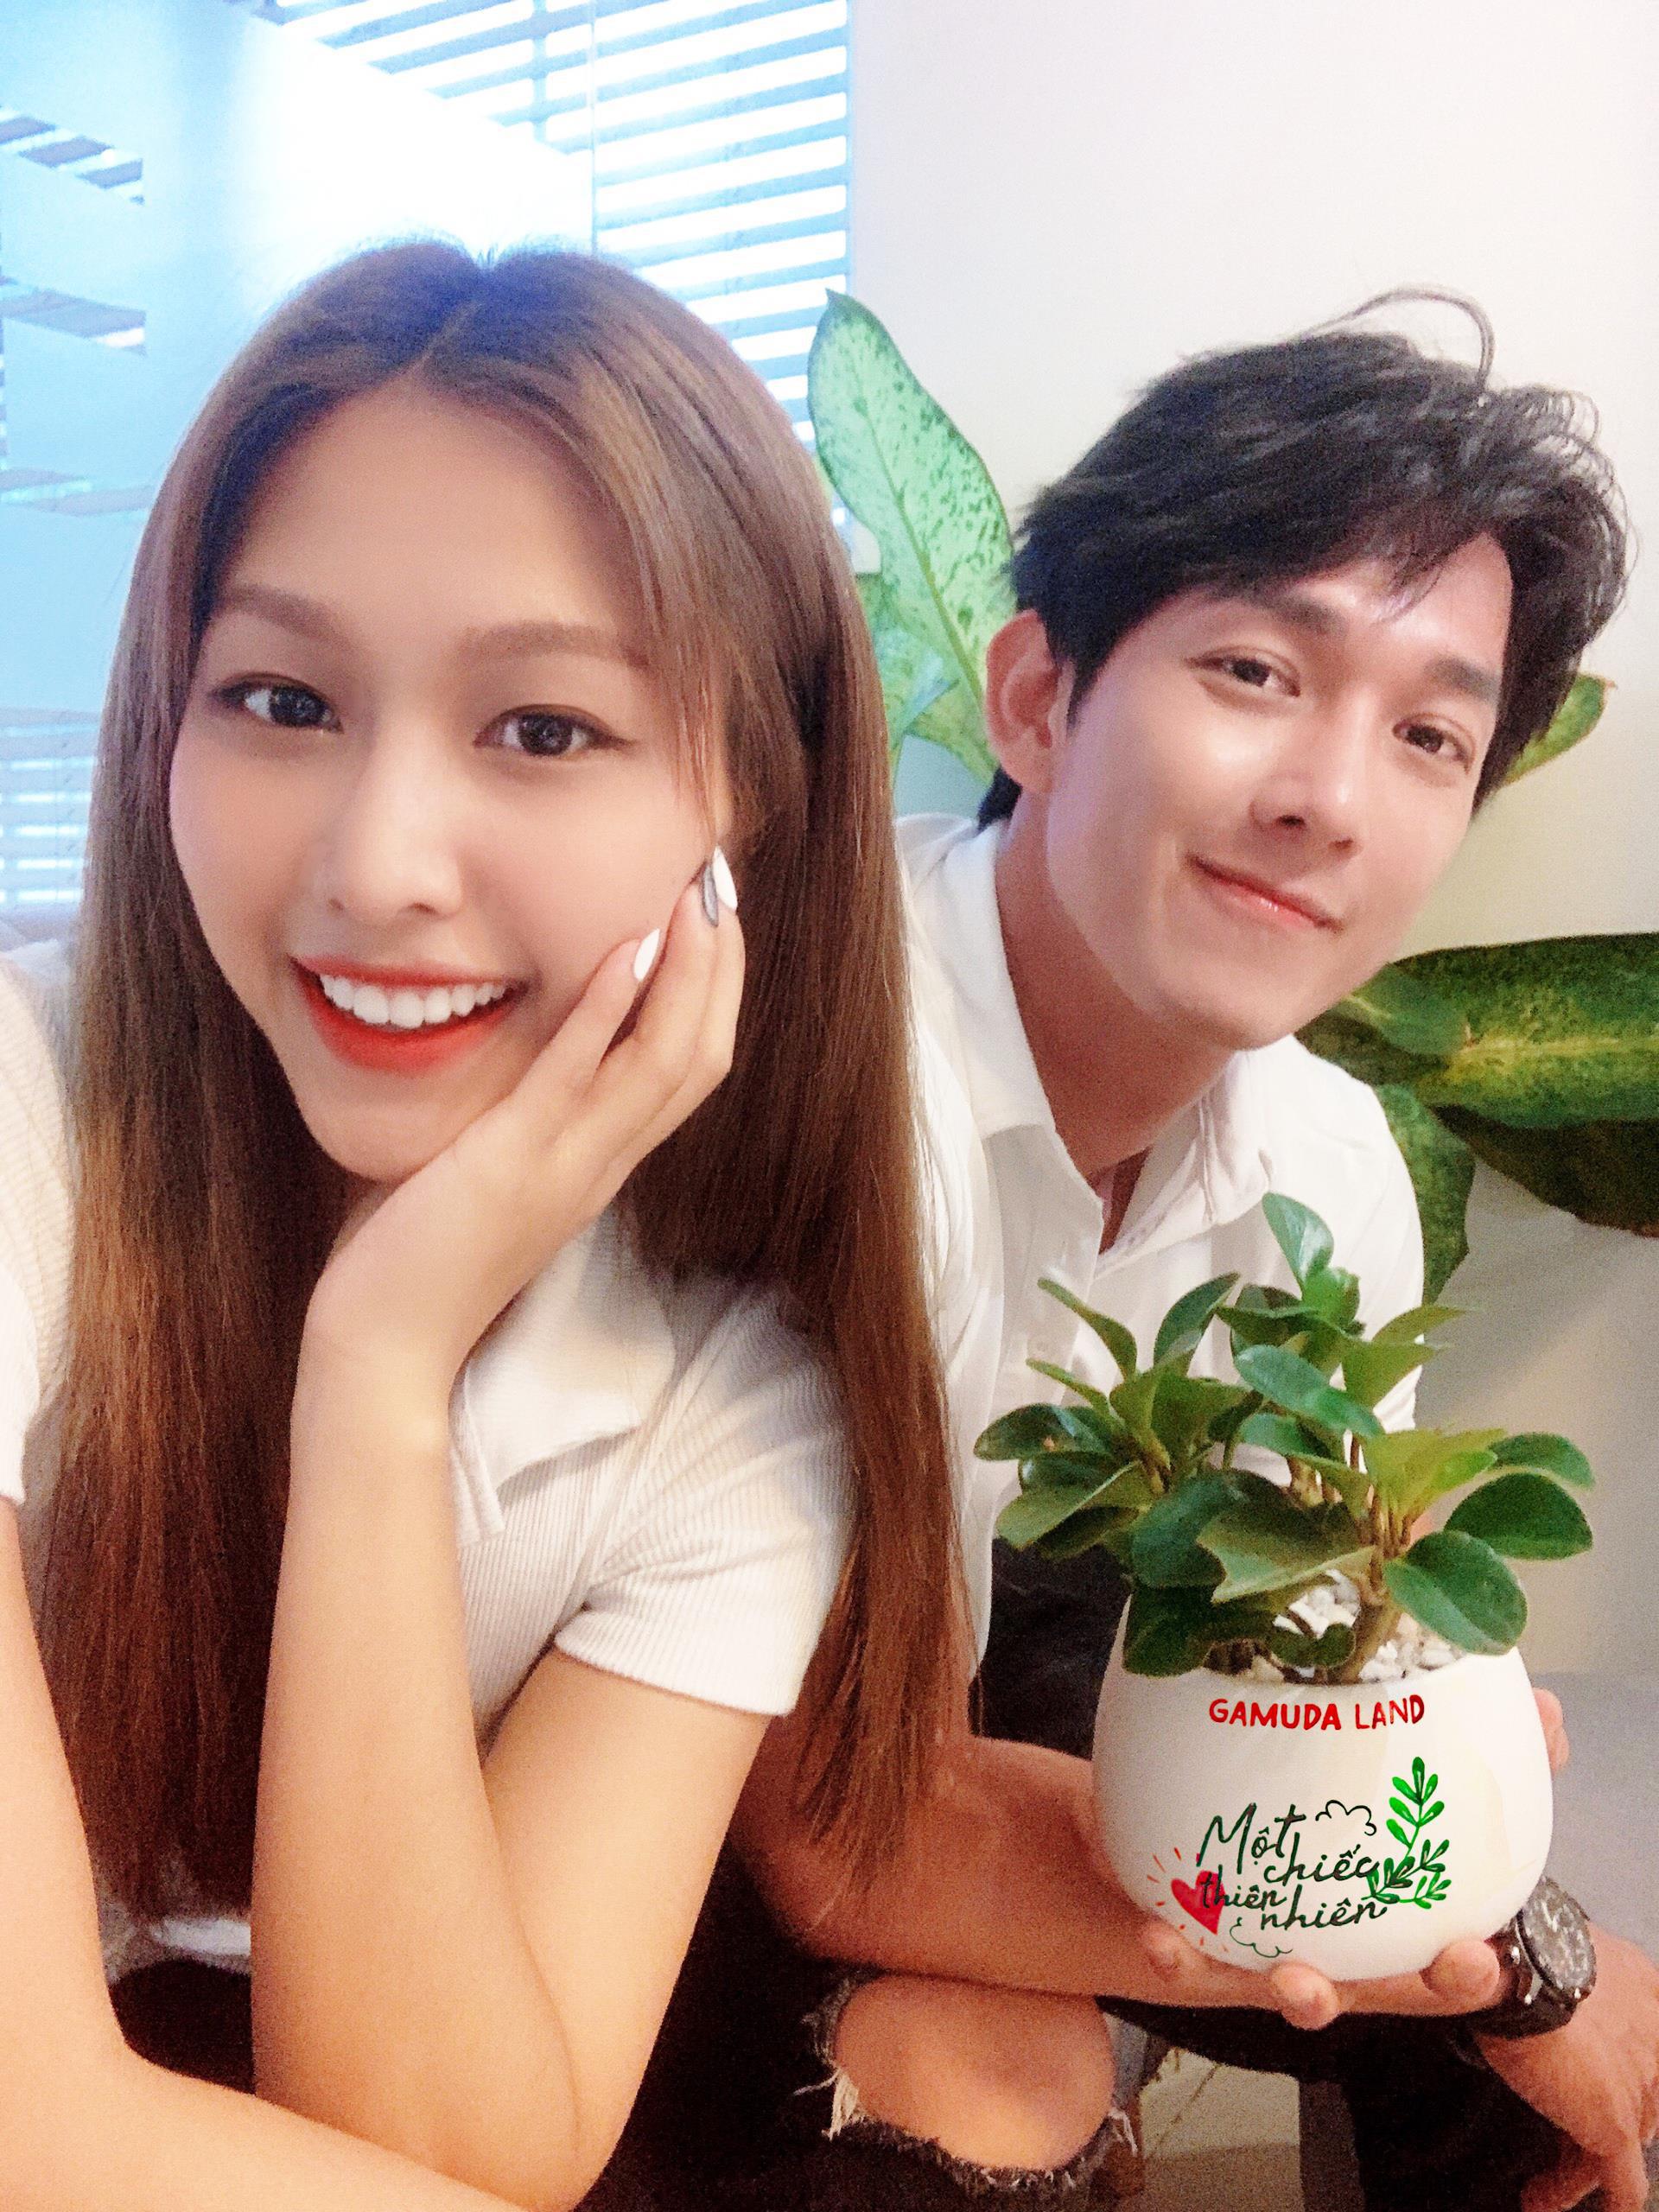 """Sao Việt hào hứng tham gia chiến dịch truyền cảm hứng siêu cute """"Một chiếc thiên nhiên"""" - Ảnh 7."""